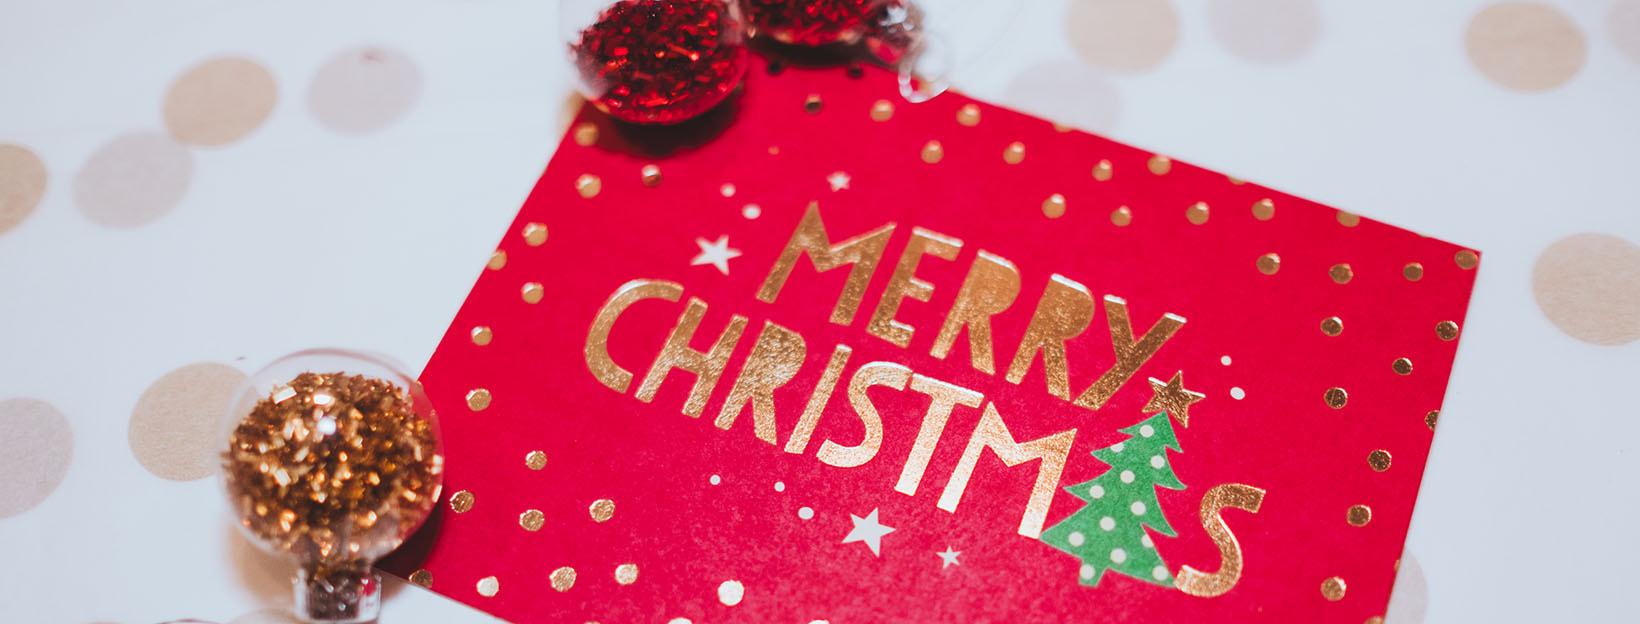 Weihnachtskarten für die Weihnachtspost